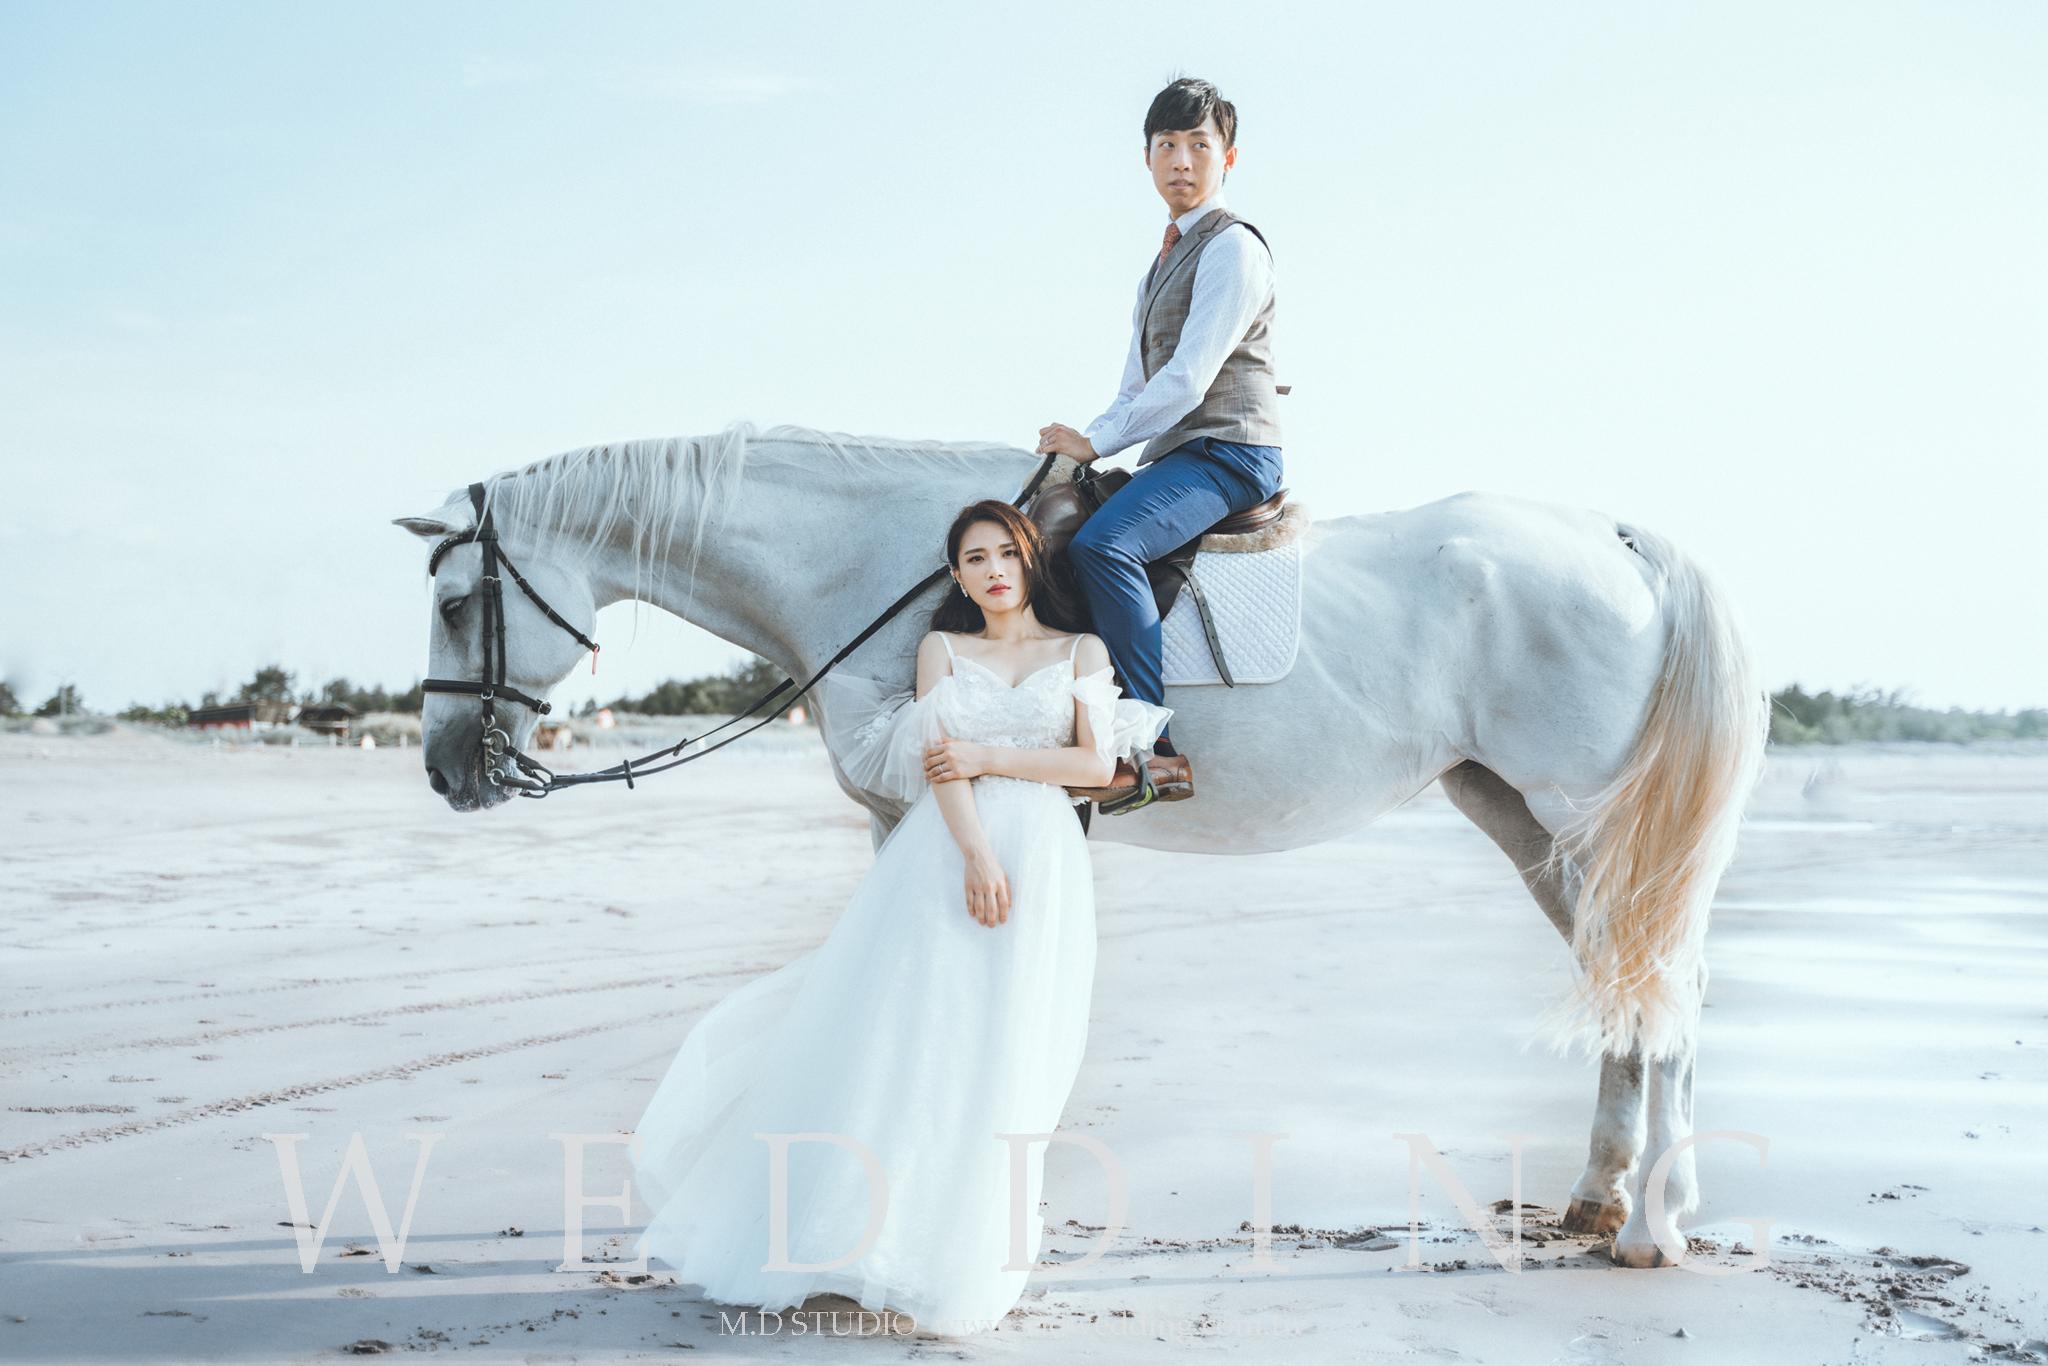 白馬風格婚紗 雜誌風 台北婚紗推薦 歐洲風格婚紗 美式風格 逆光婚紗 台北婚紗推薦 海邊黃昏夕陽